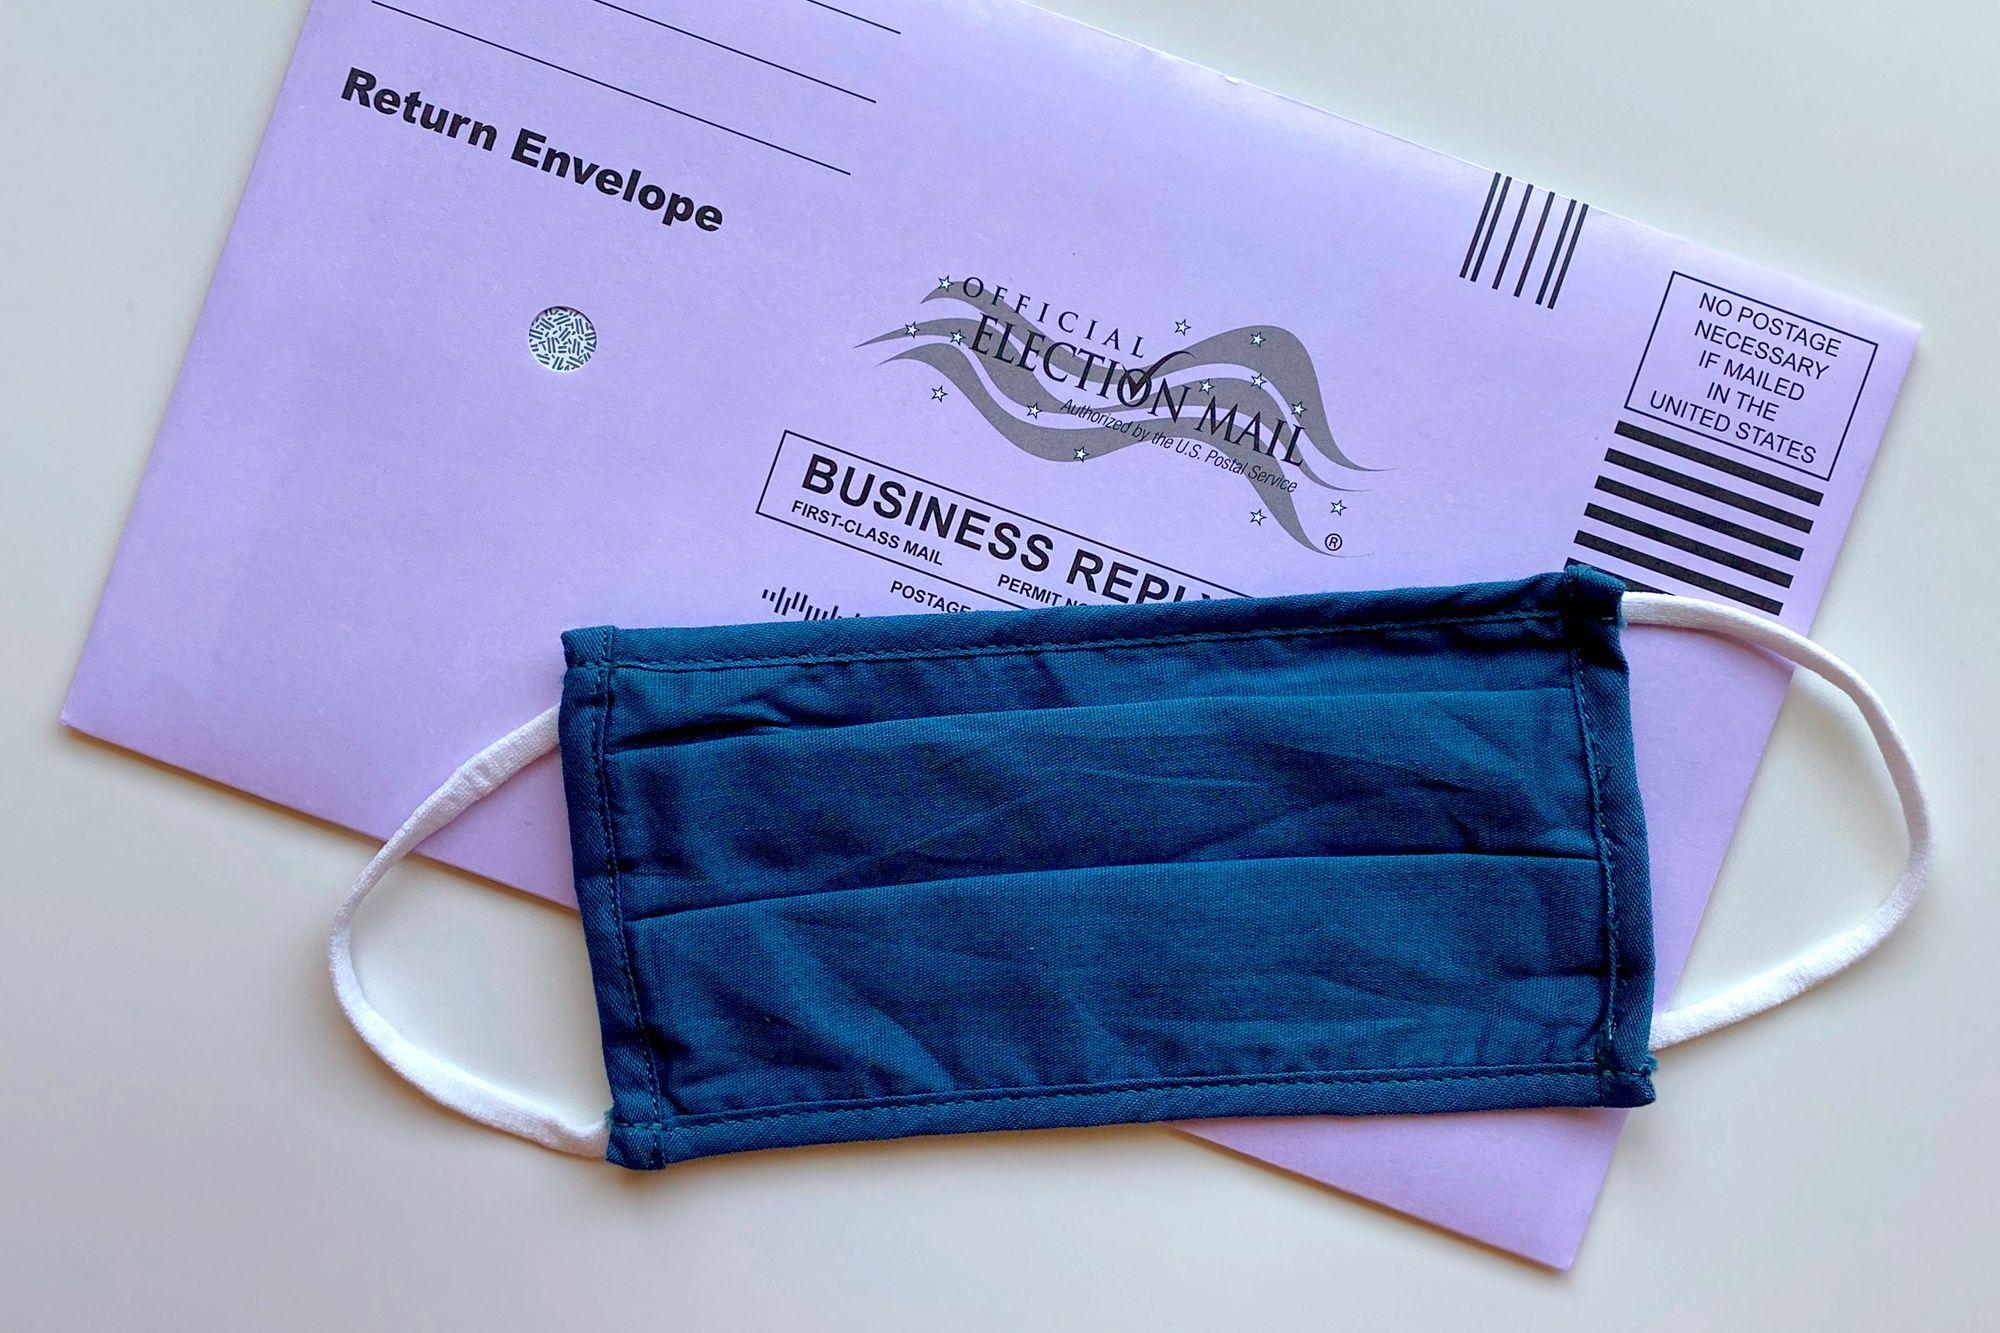 """<span>Photo by <a href=""""https://unsplash.com/@tiffanytertipes?utm_source=unsplash&amp;utm_medium=referral&amp;utm_content=creditCopyText"""">Tiffany Tertipes</a> on <a href=""""https://unsplash.com/s/photos/voting?utm_source=unsplash&amp;utm_medium=referral&amp;utm_content=creditCopyText"""">Unsplash</a></span>"""